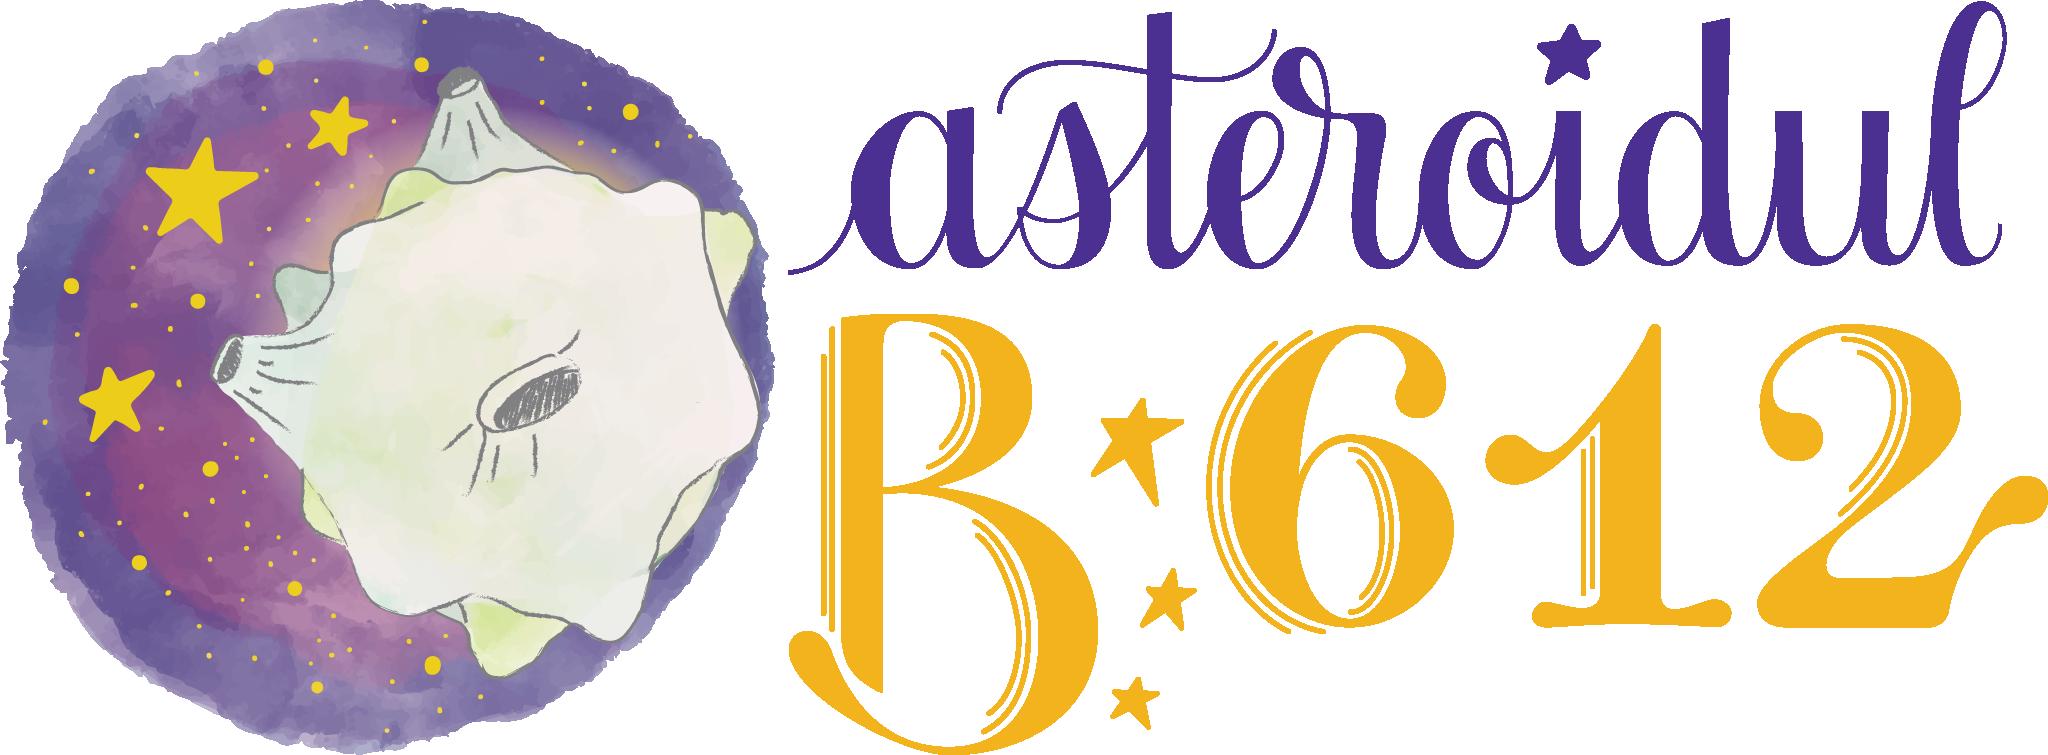 Asteroidul B612